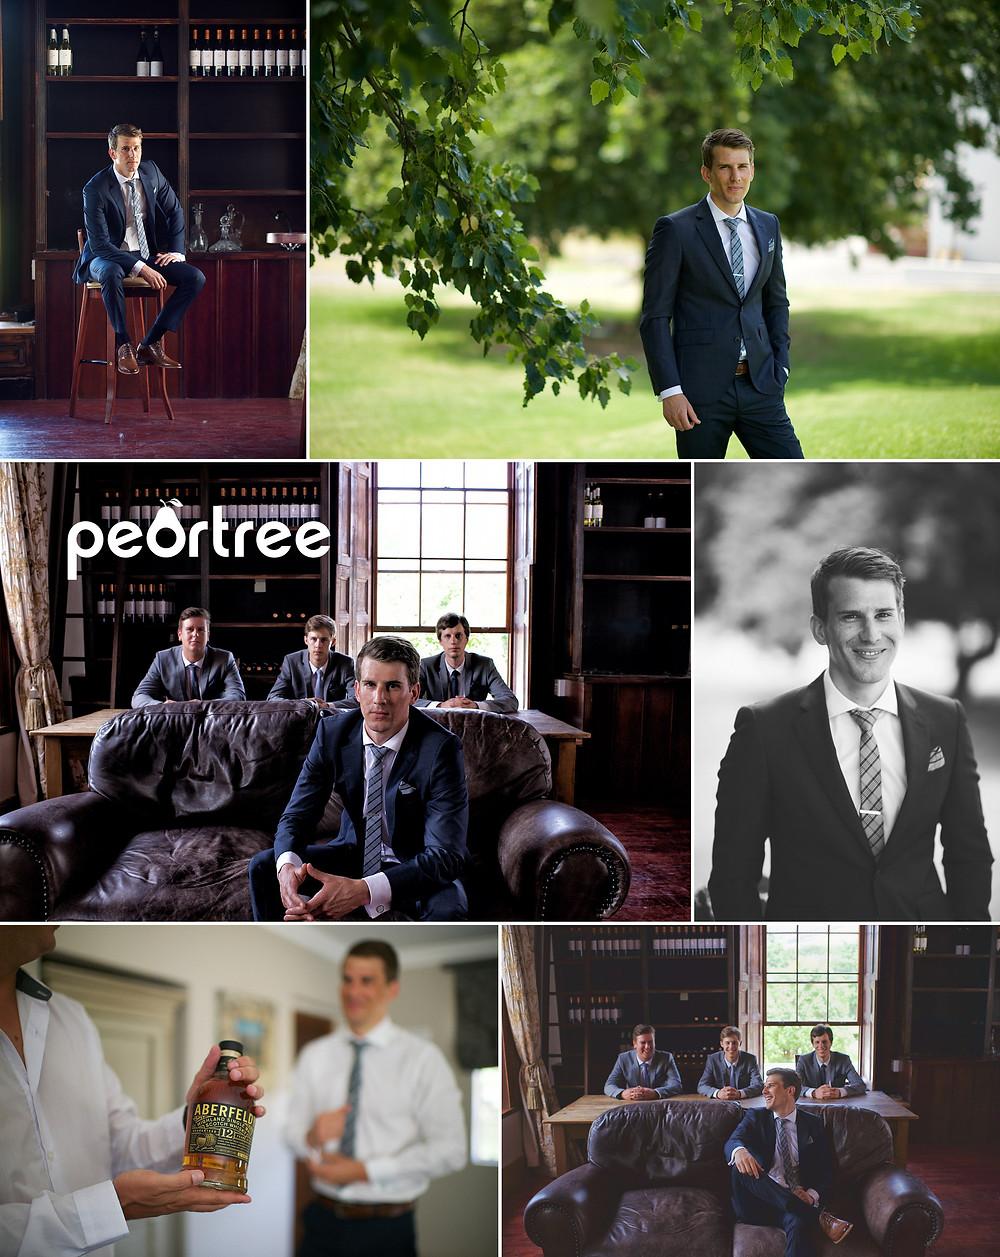 zorgvliet wedding photos 2